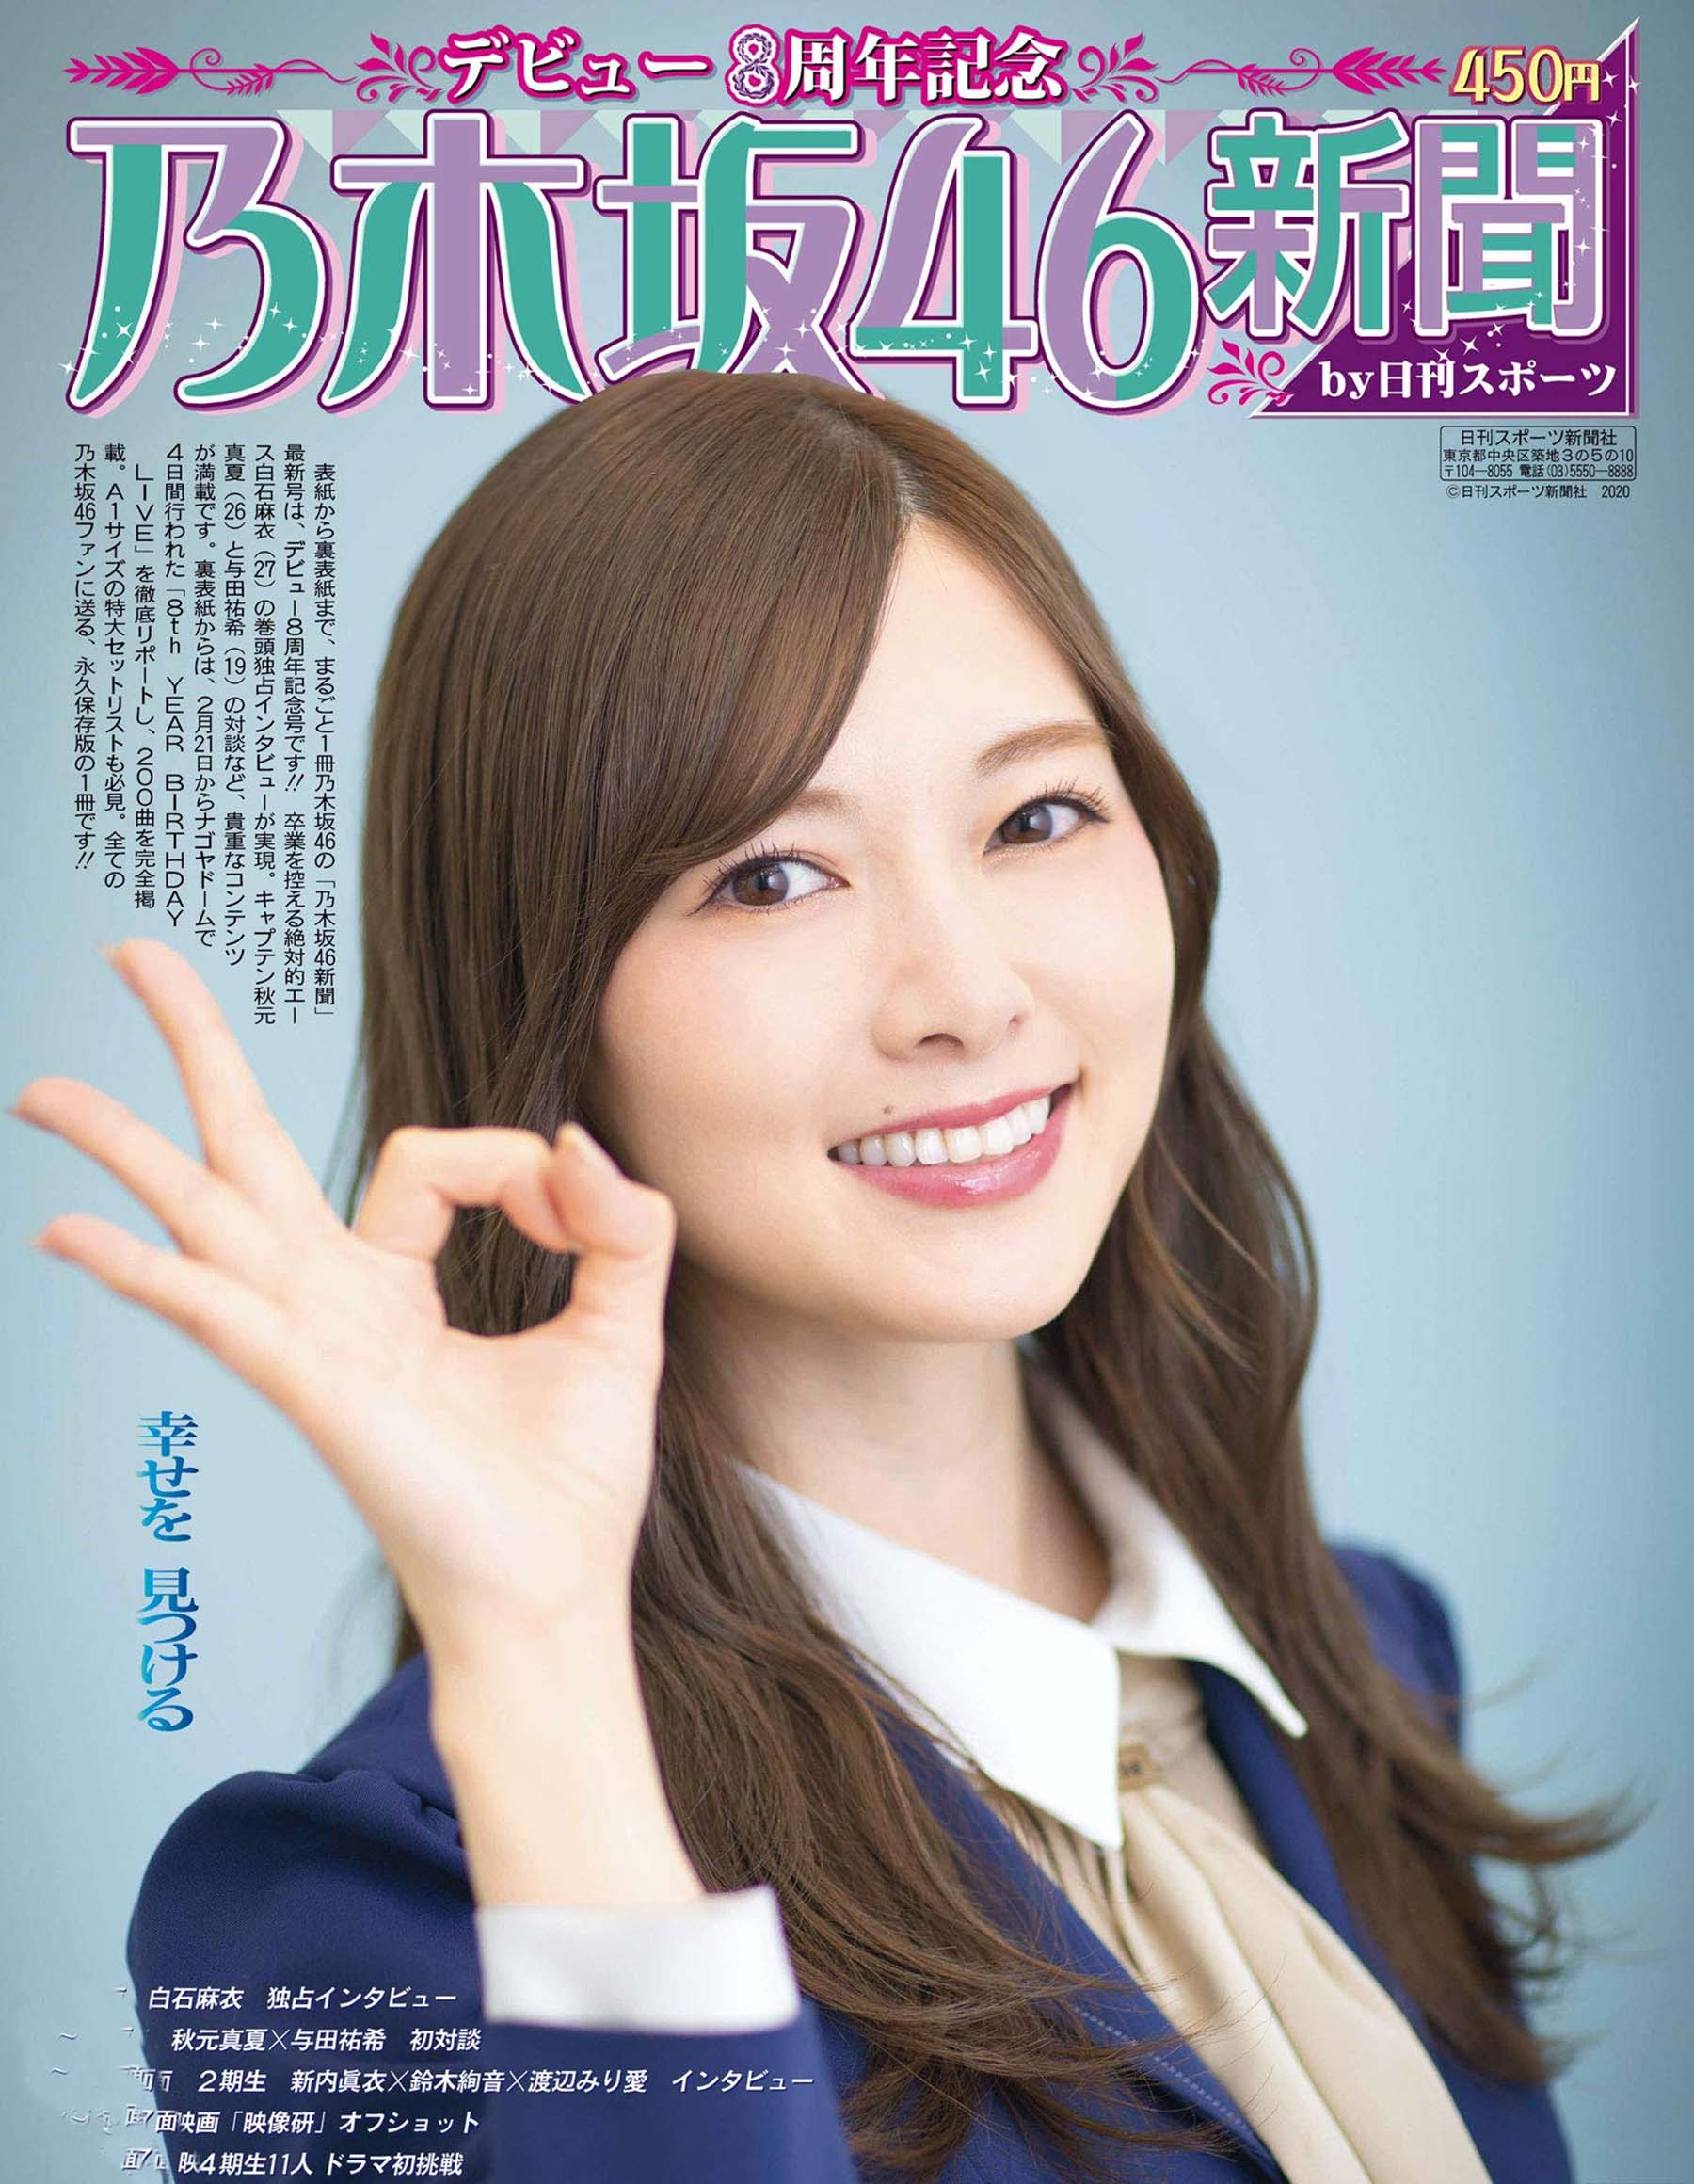 乃木坂46新聞 デビュー8周年記念